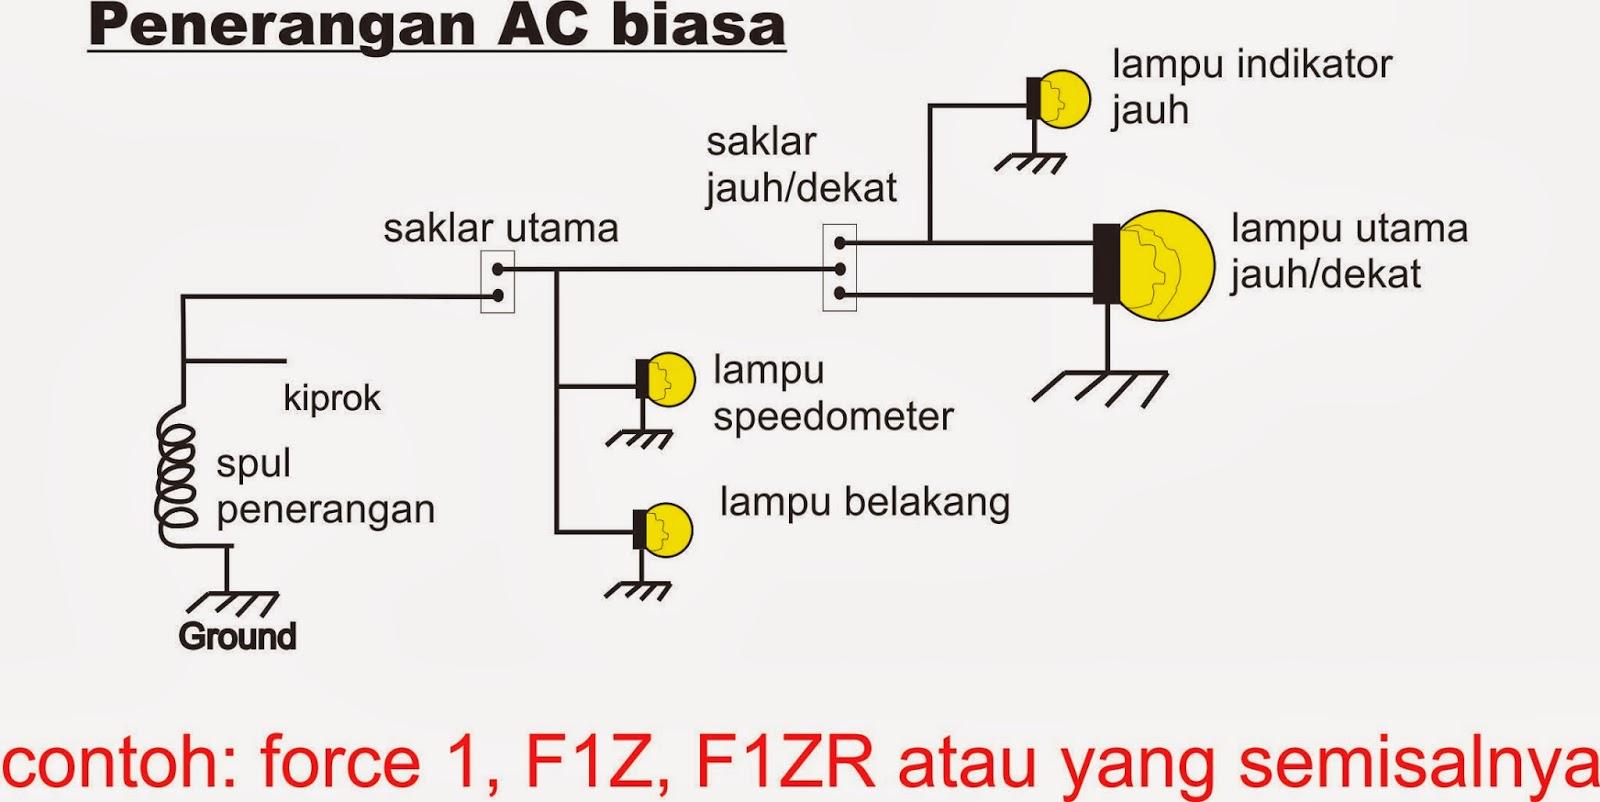 gambar wering diagram sistem penerangan sepeda motor honda terbaik rh gentongmodifikasimotor blogspot com